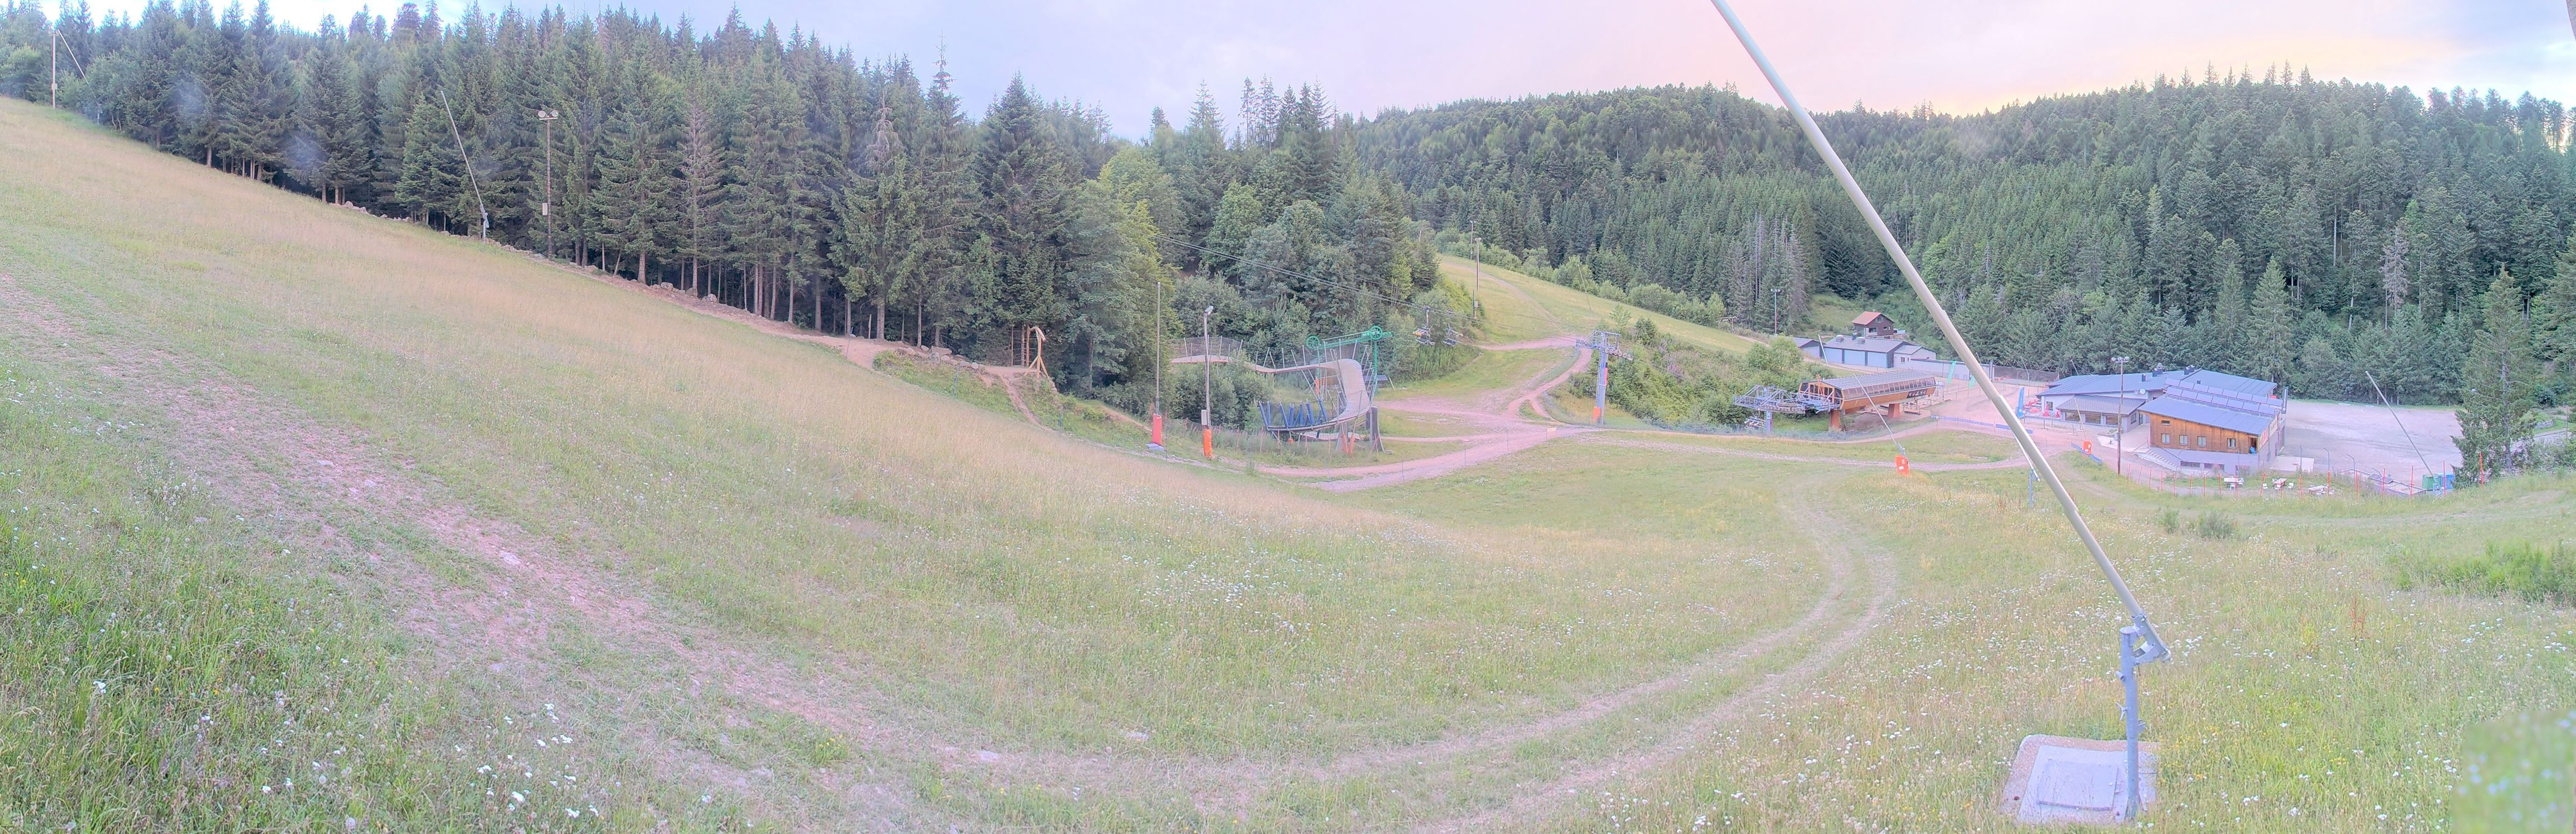 Enneigement station de ski dans les Vosges